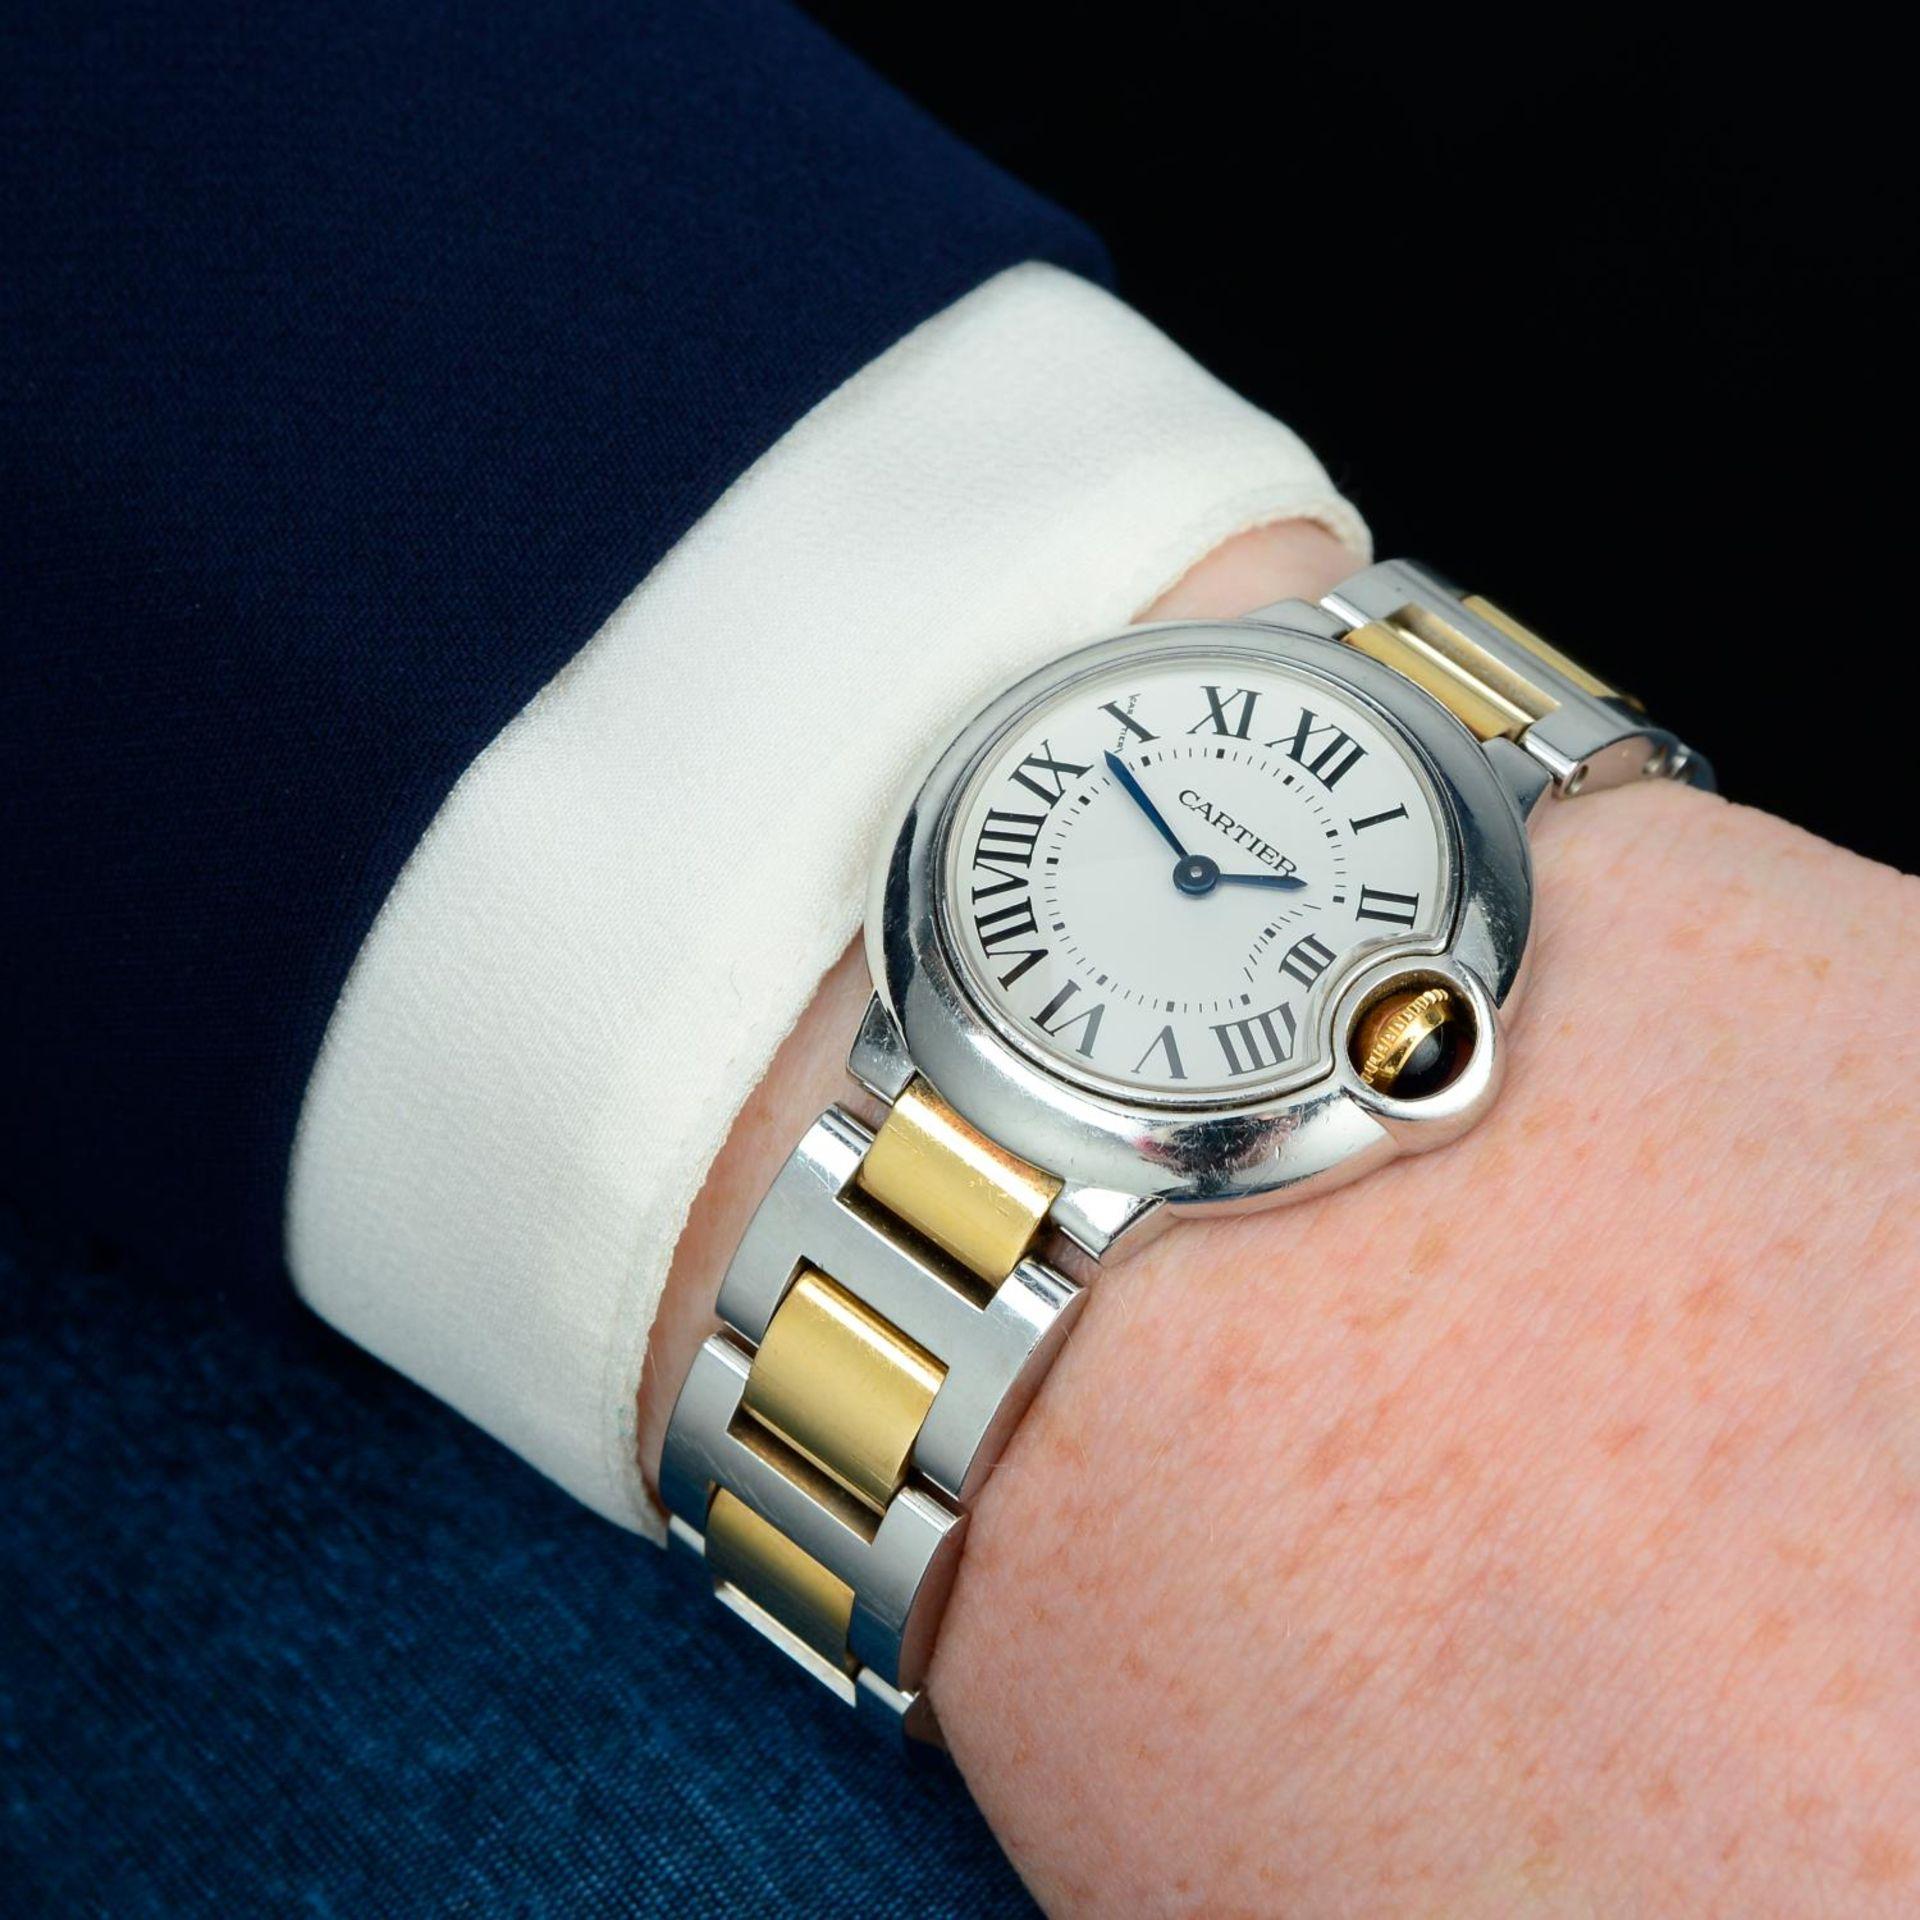 CARTIER - a Ballon Bleu bracelet watch. - Bild 3 aus 5